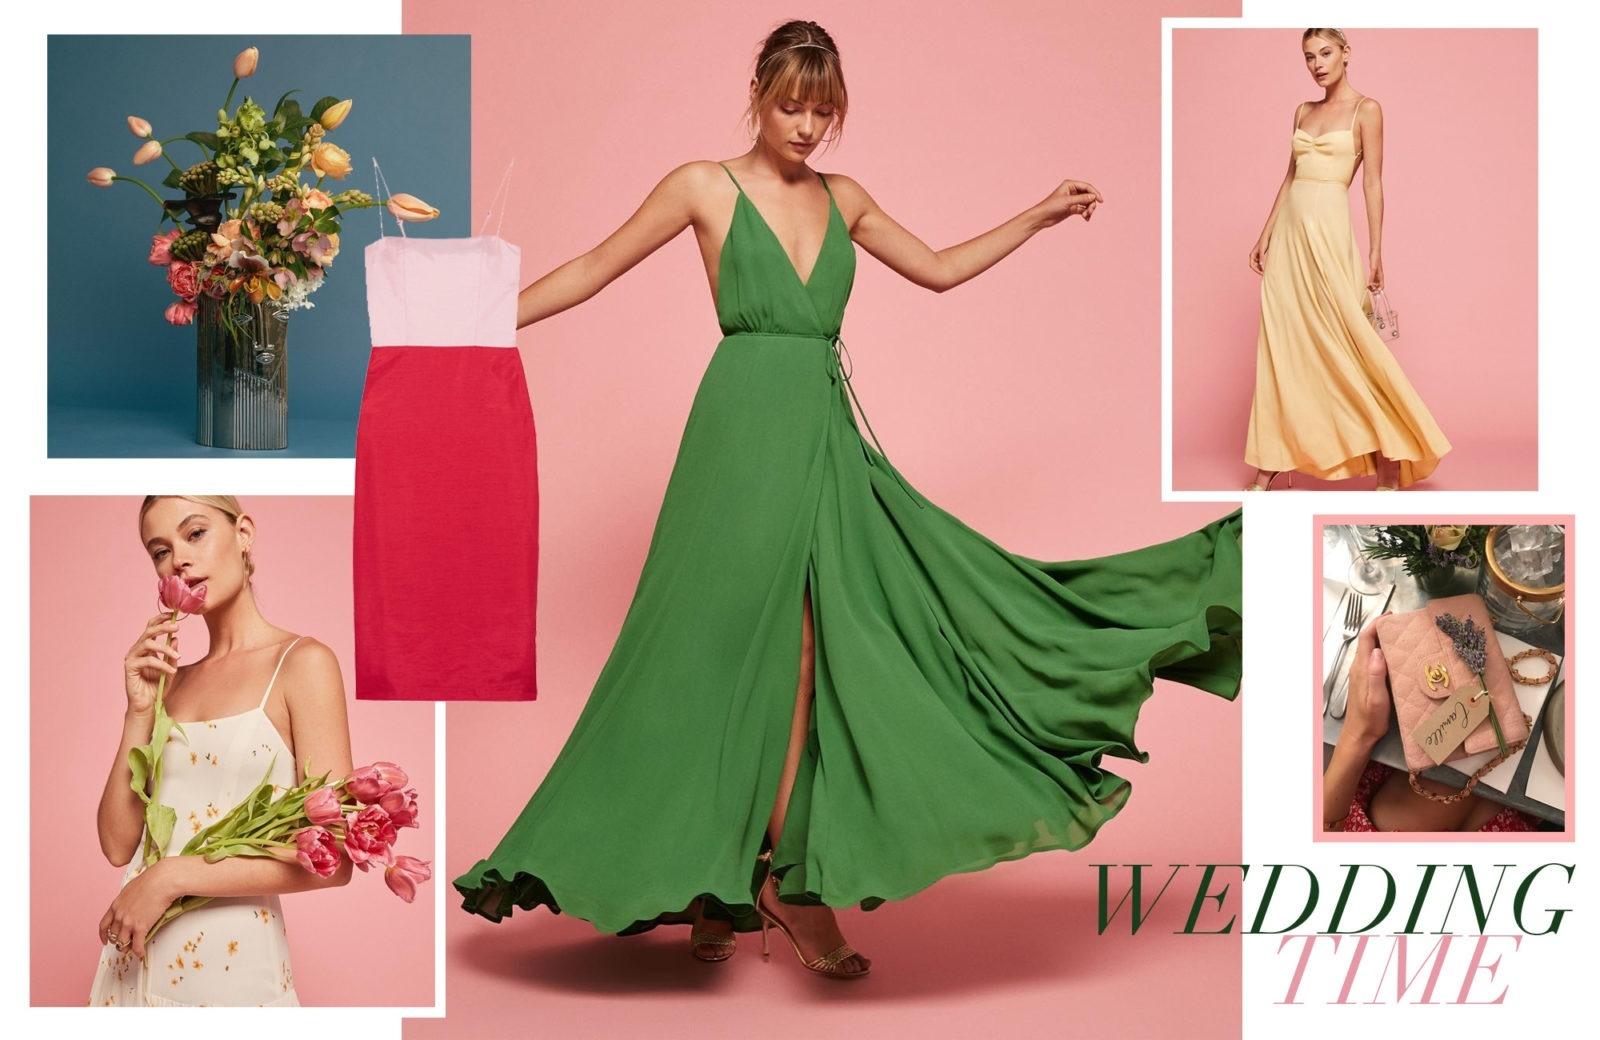 Abend Schön Schöne Kleider Hochzeitsgast Galerie15 Genial Schöne Kleider Hochzeitsgast Design